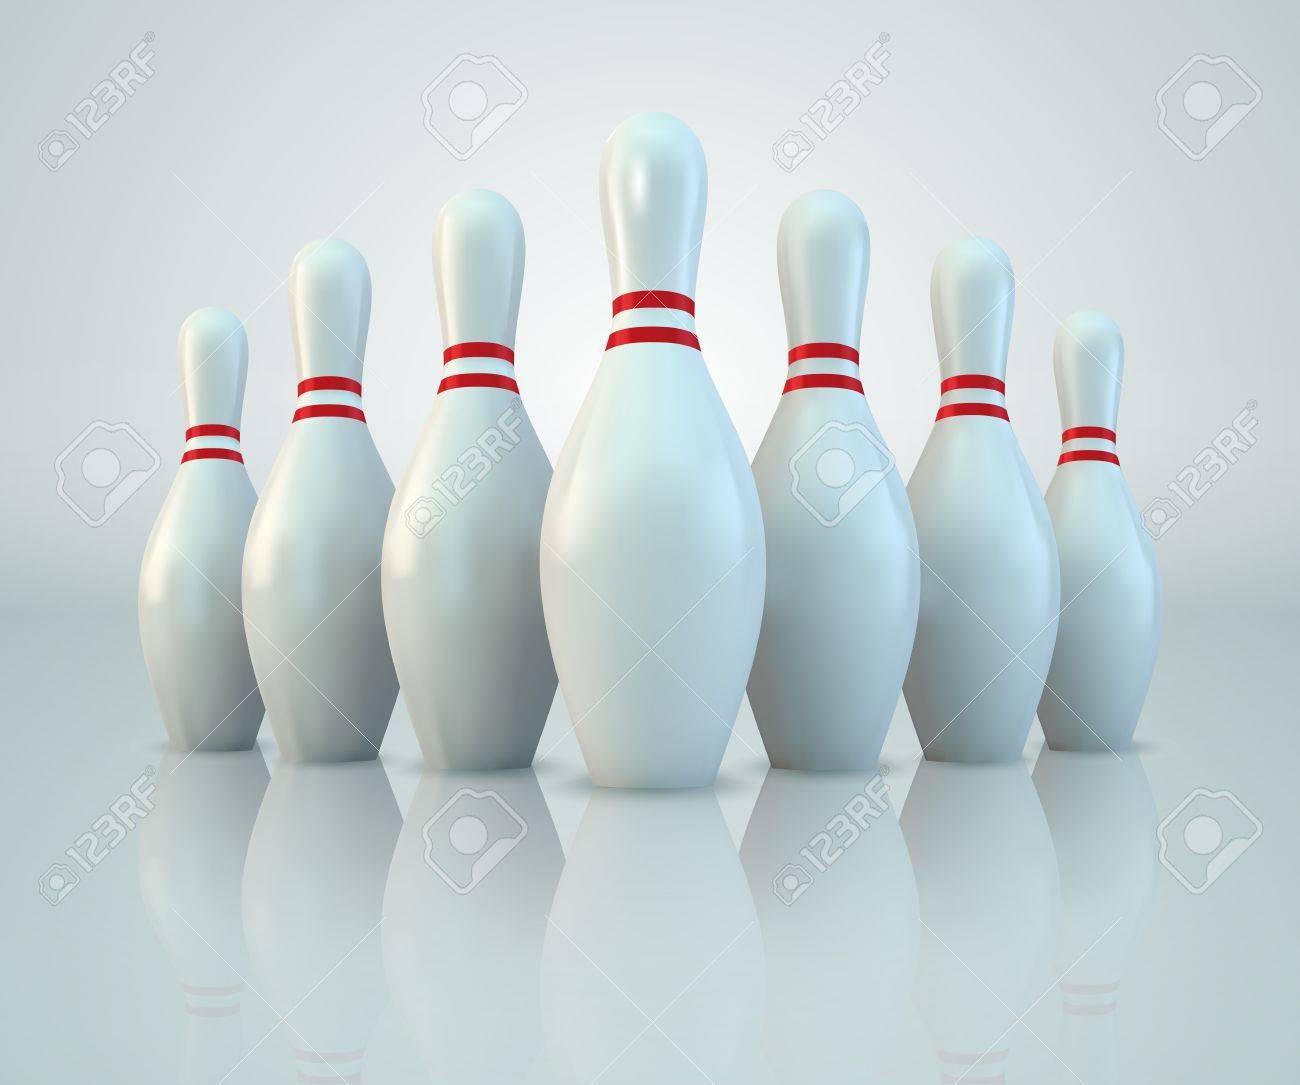 Vector Bowling Pins - 9481397